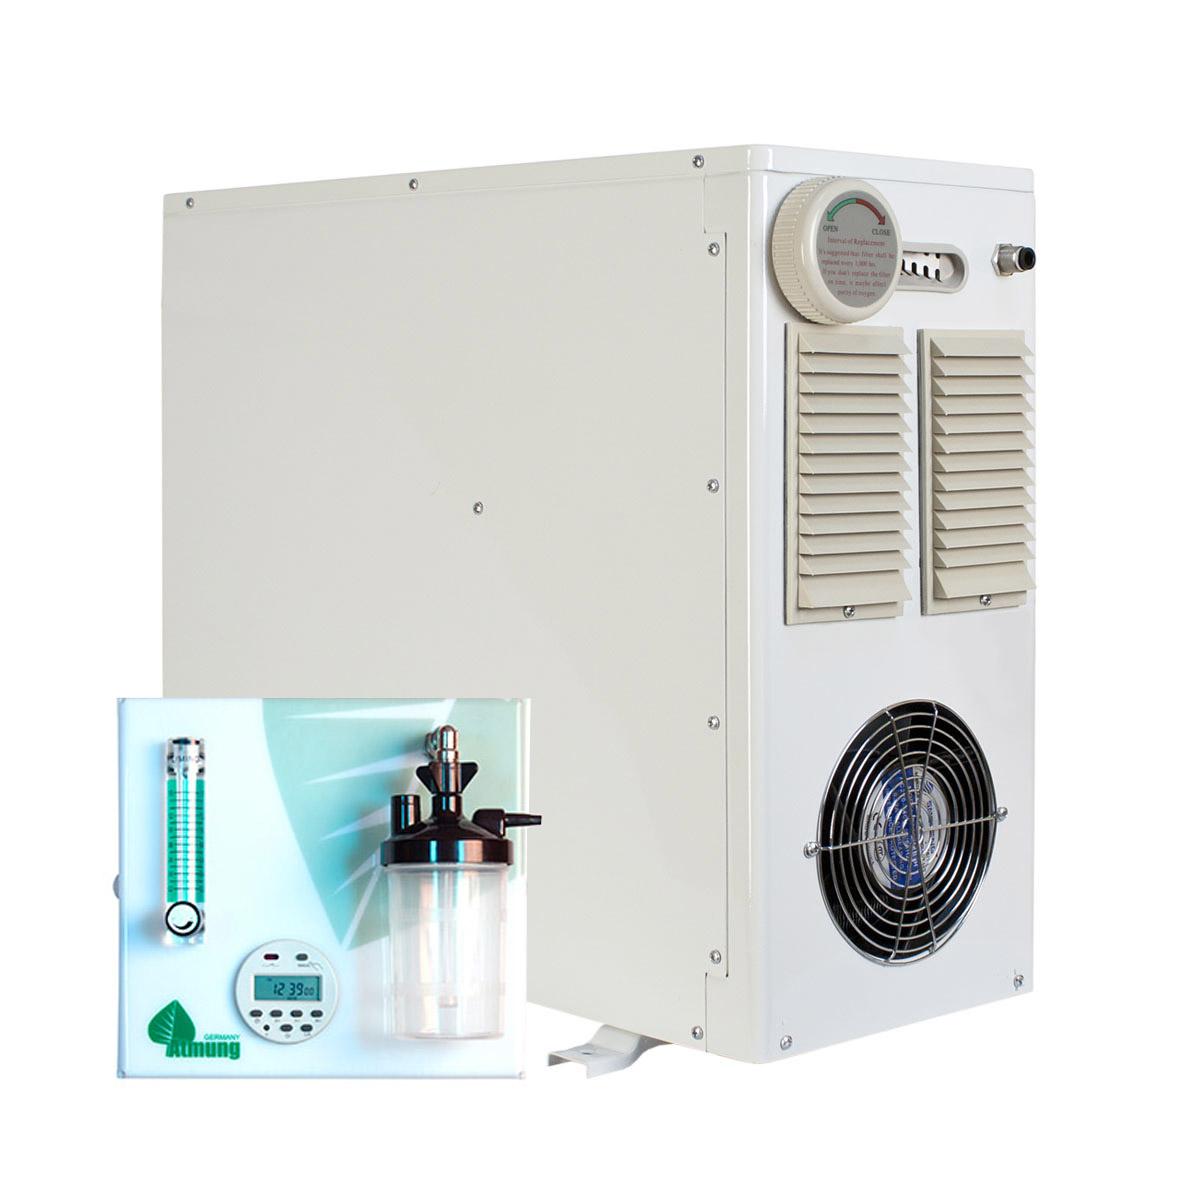 Концентратор кислорода Atmung LFY-I-5A-01 + Панель с таймером